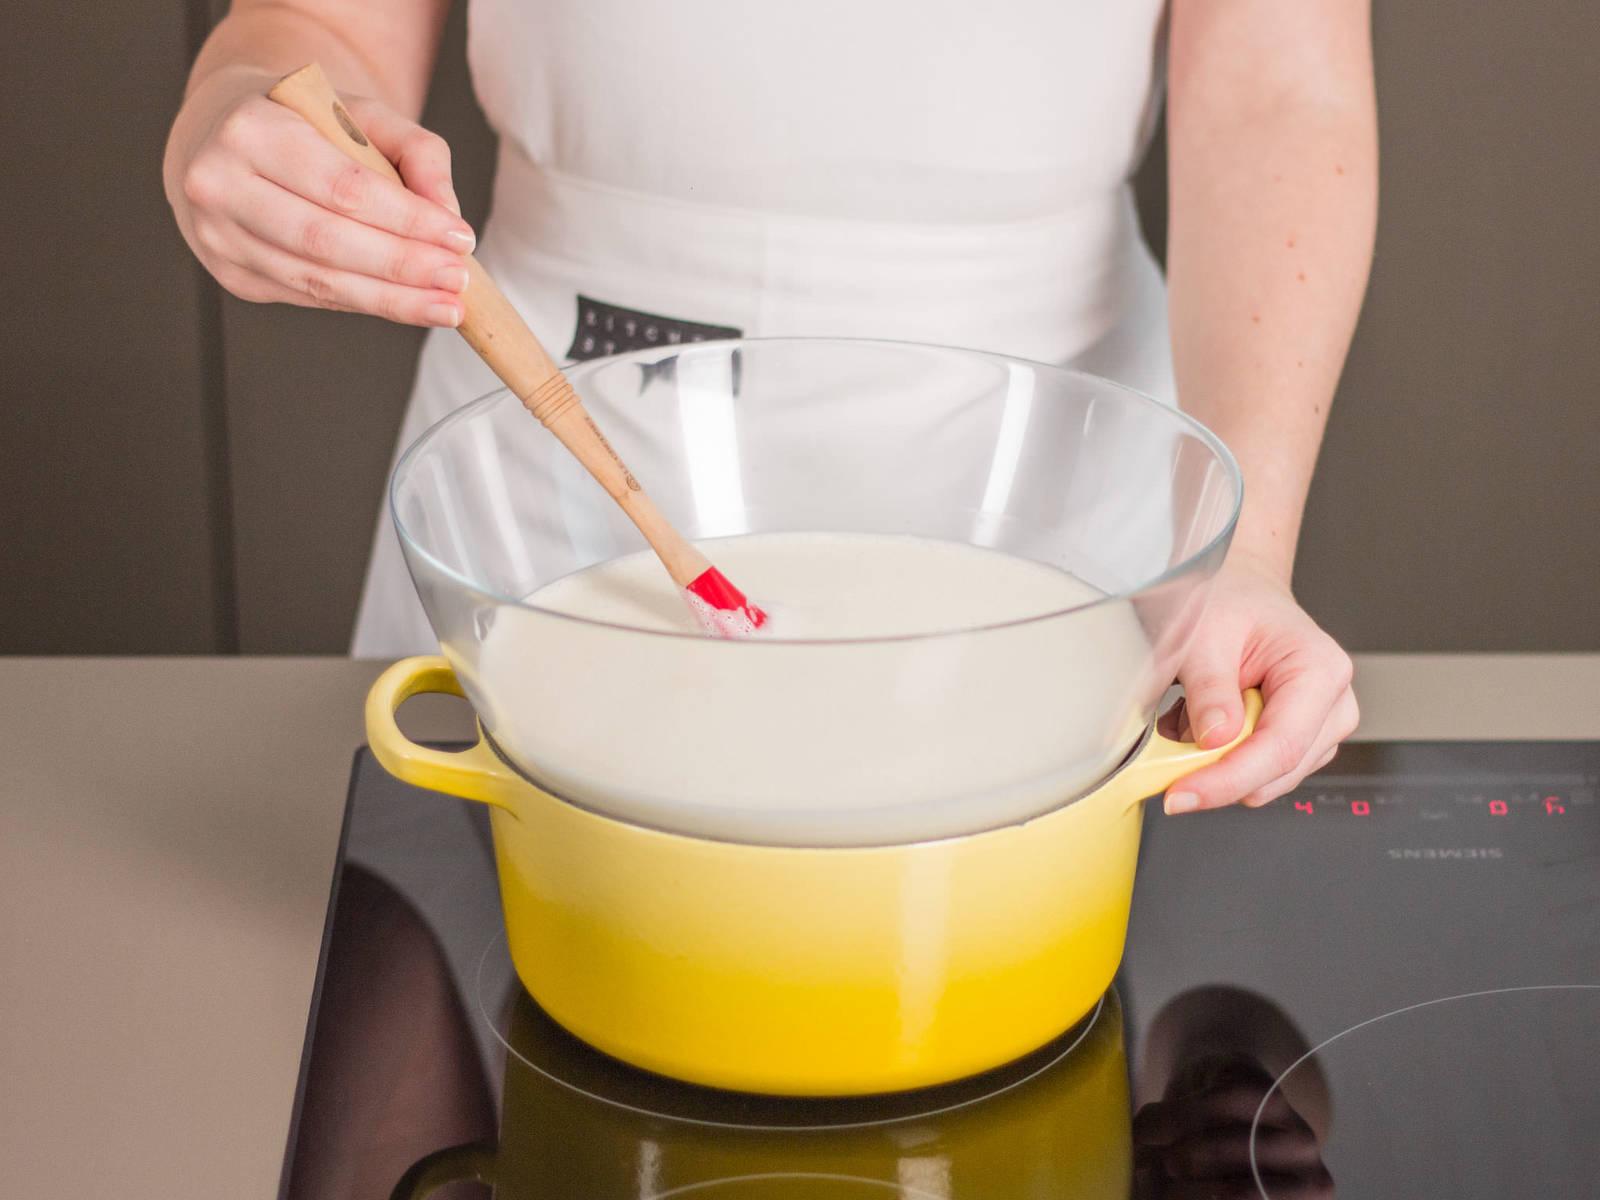 Eimasse mit Milch-Sahne-Mischung in einer großen Schale vermengen. In einem Wasserbad ca. 5 – 7 Min. konstant rühren, bis die Masse eindickt. Die Masse ist perfekt, wenn sie nicht mehr flüssig vom Gummispatel läuft, sondern diesen bedeckt. Anschließend für ca. 30 – 35 Min. in den Kühlschrank geben.